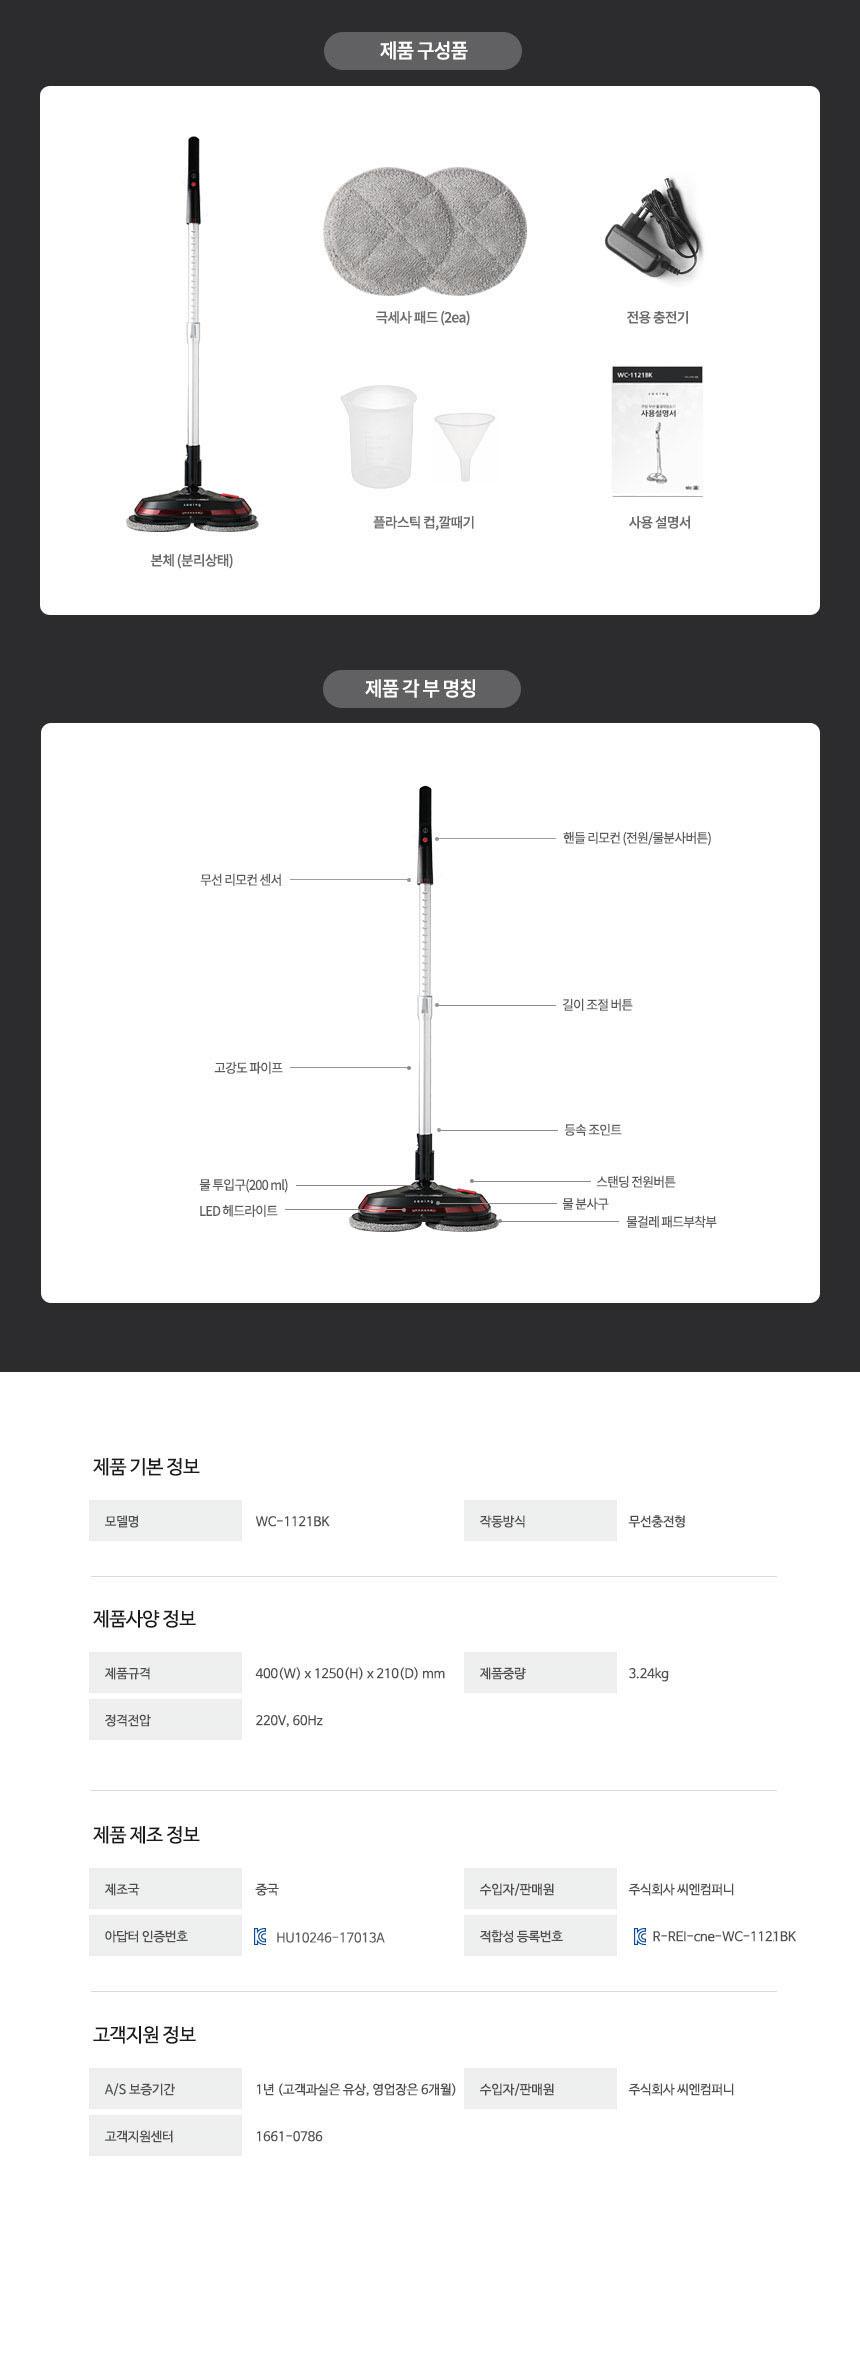 상세페이지 9, WC-1121BK 제품 구성품, 제품사양